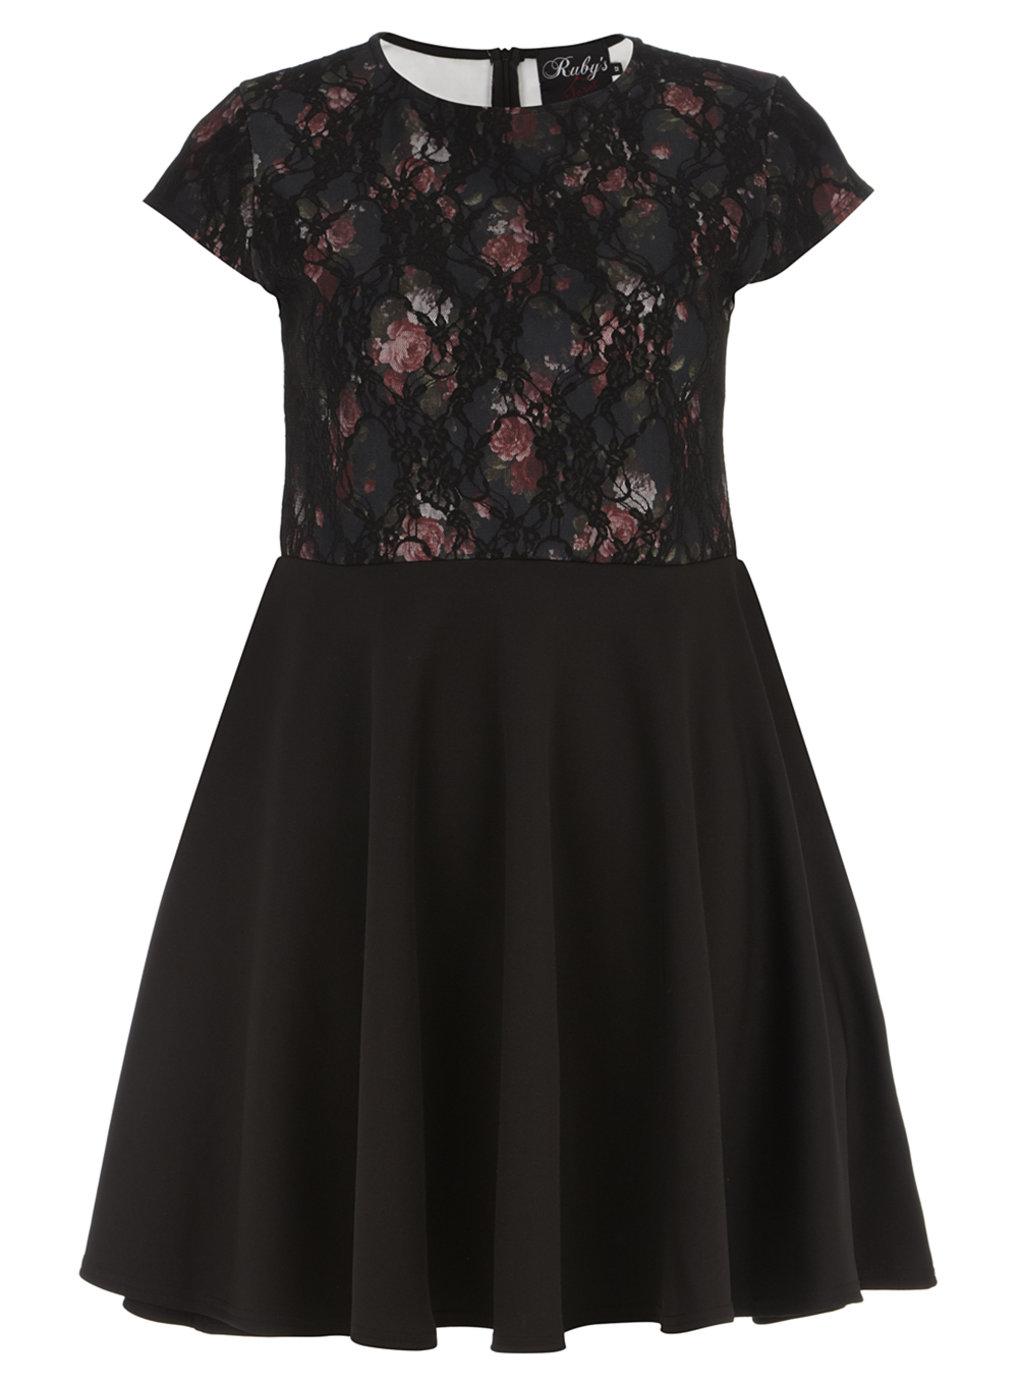 00e6da805c9ae Ruby s Closet - - Ruby s Closet BLACK Bonded Fishnet Lace Print Skater  Dress - Plus Size 12 to 20